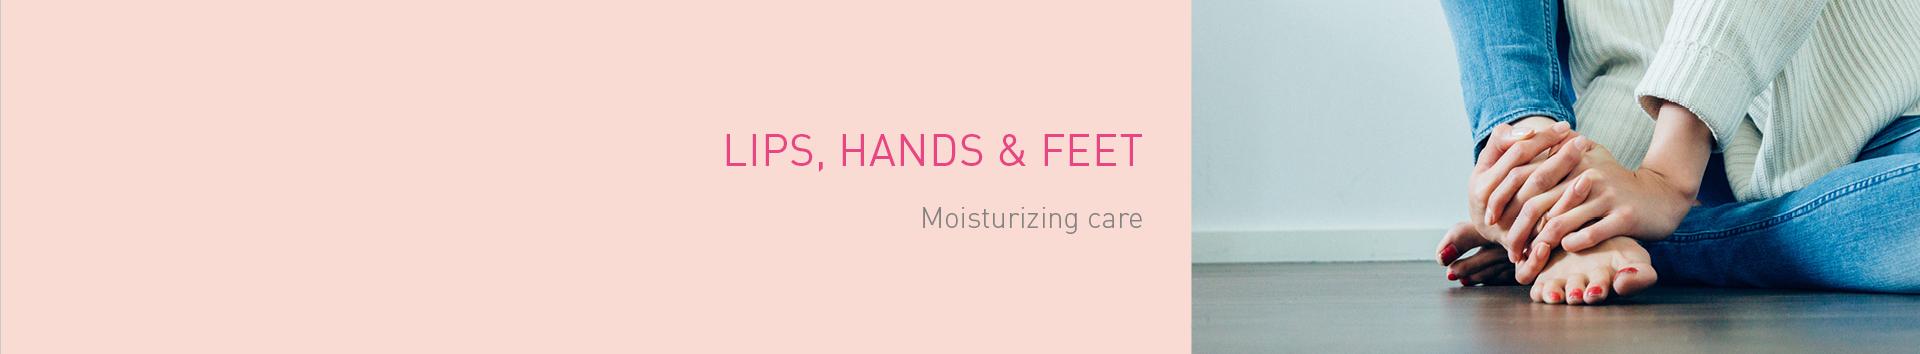 Lips, hands & feet